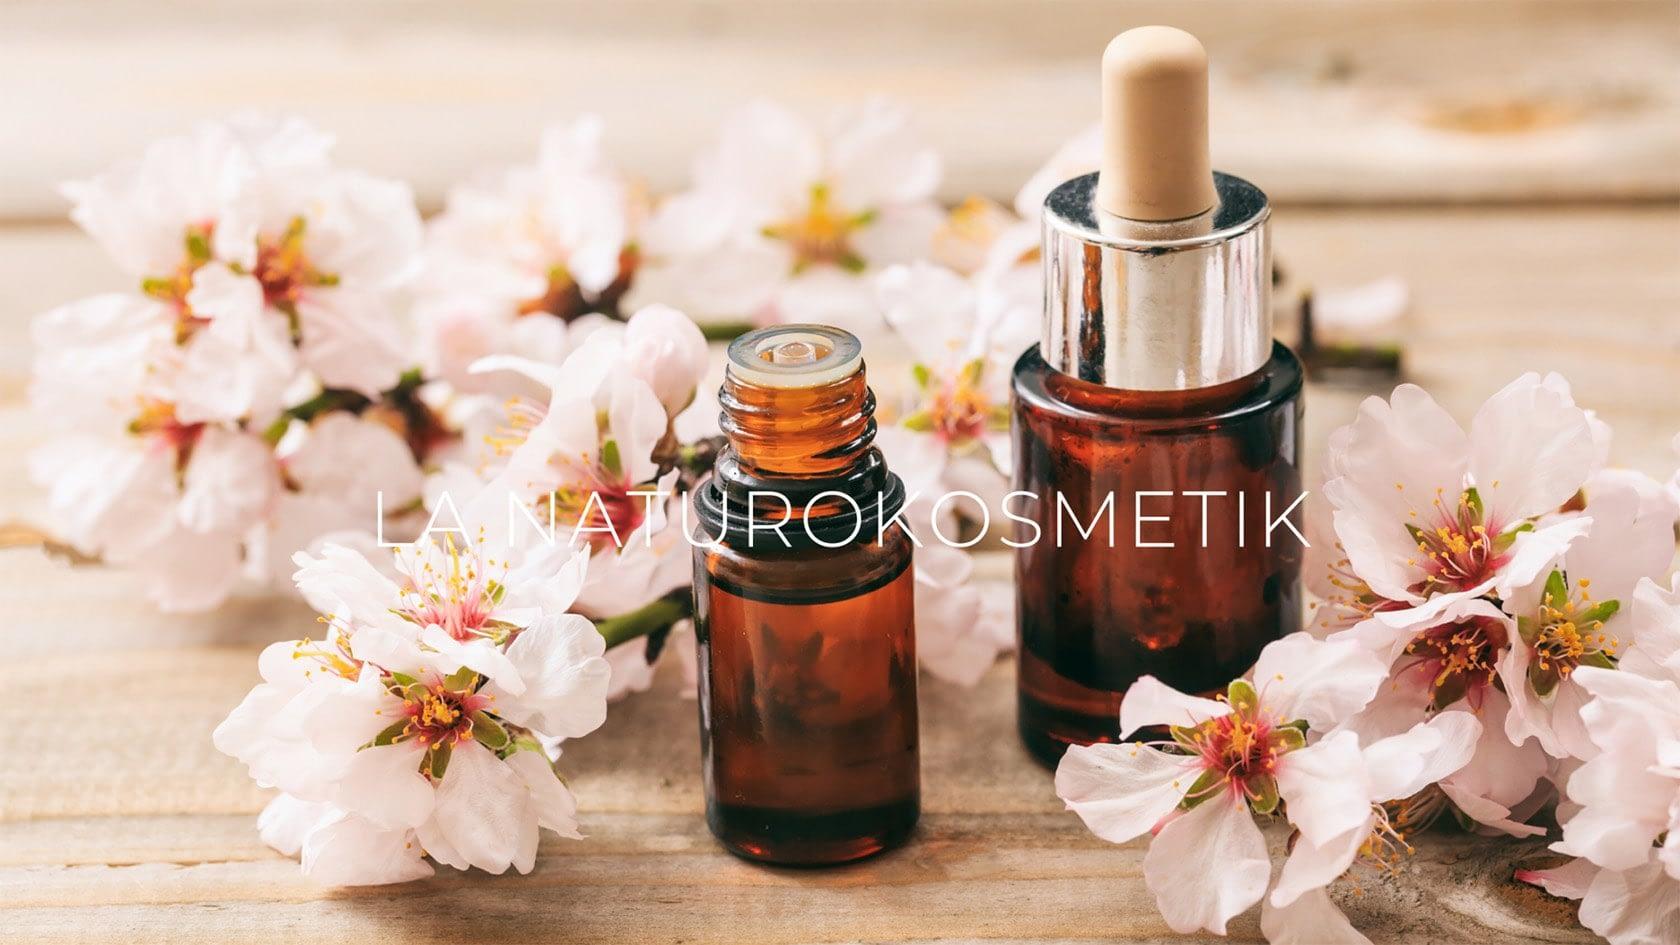 Les ingrédients actifs des produits en naturokosmetik